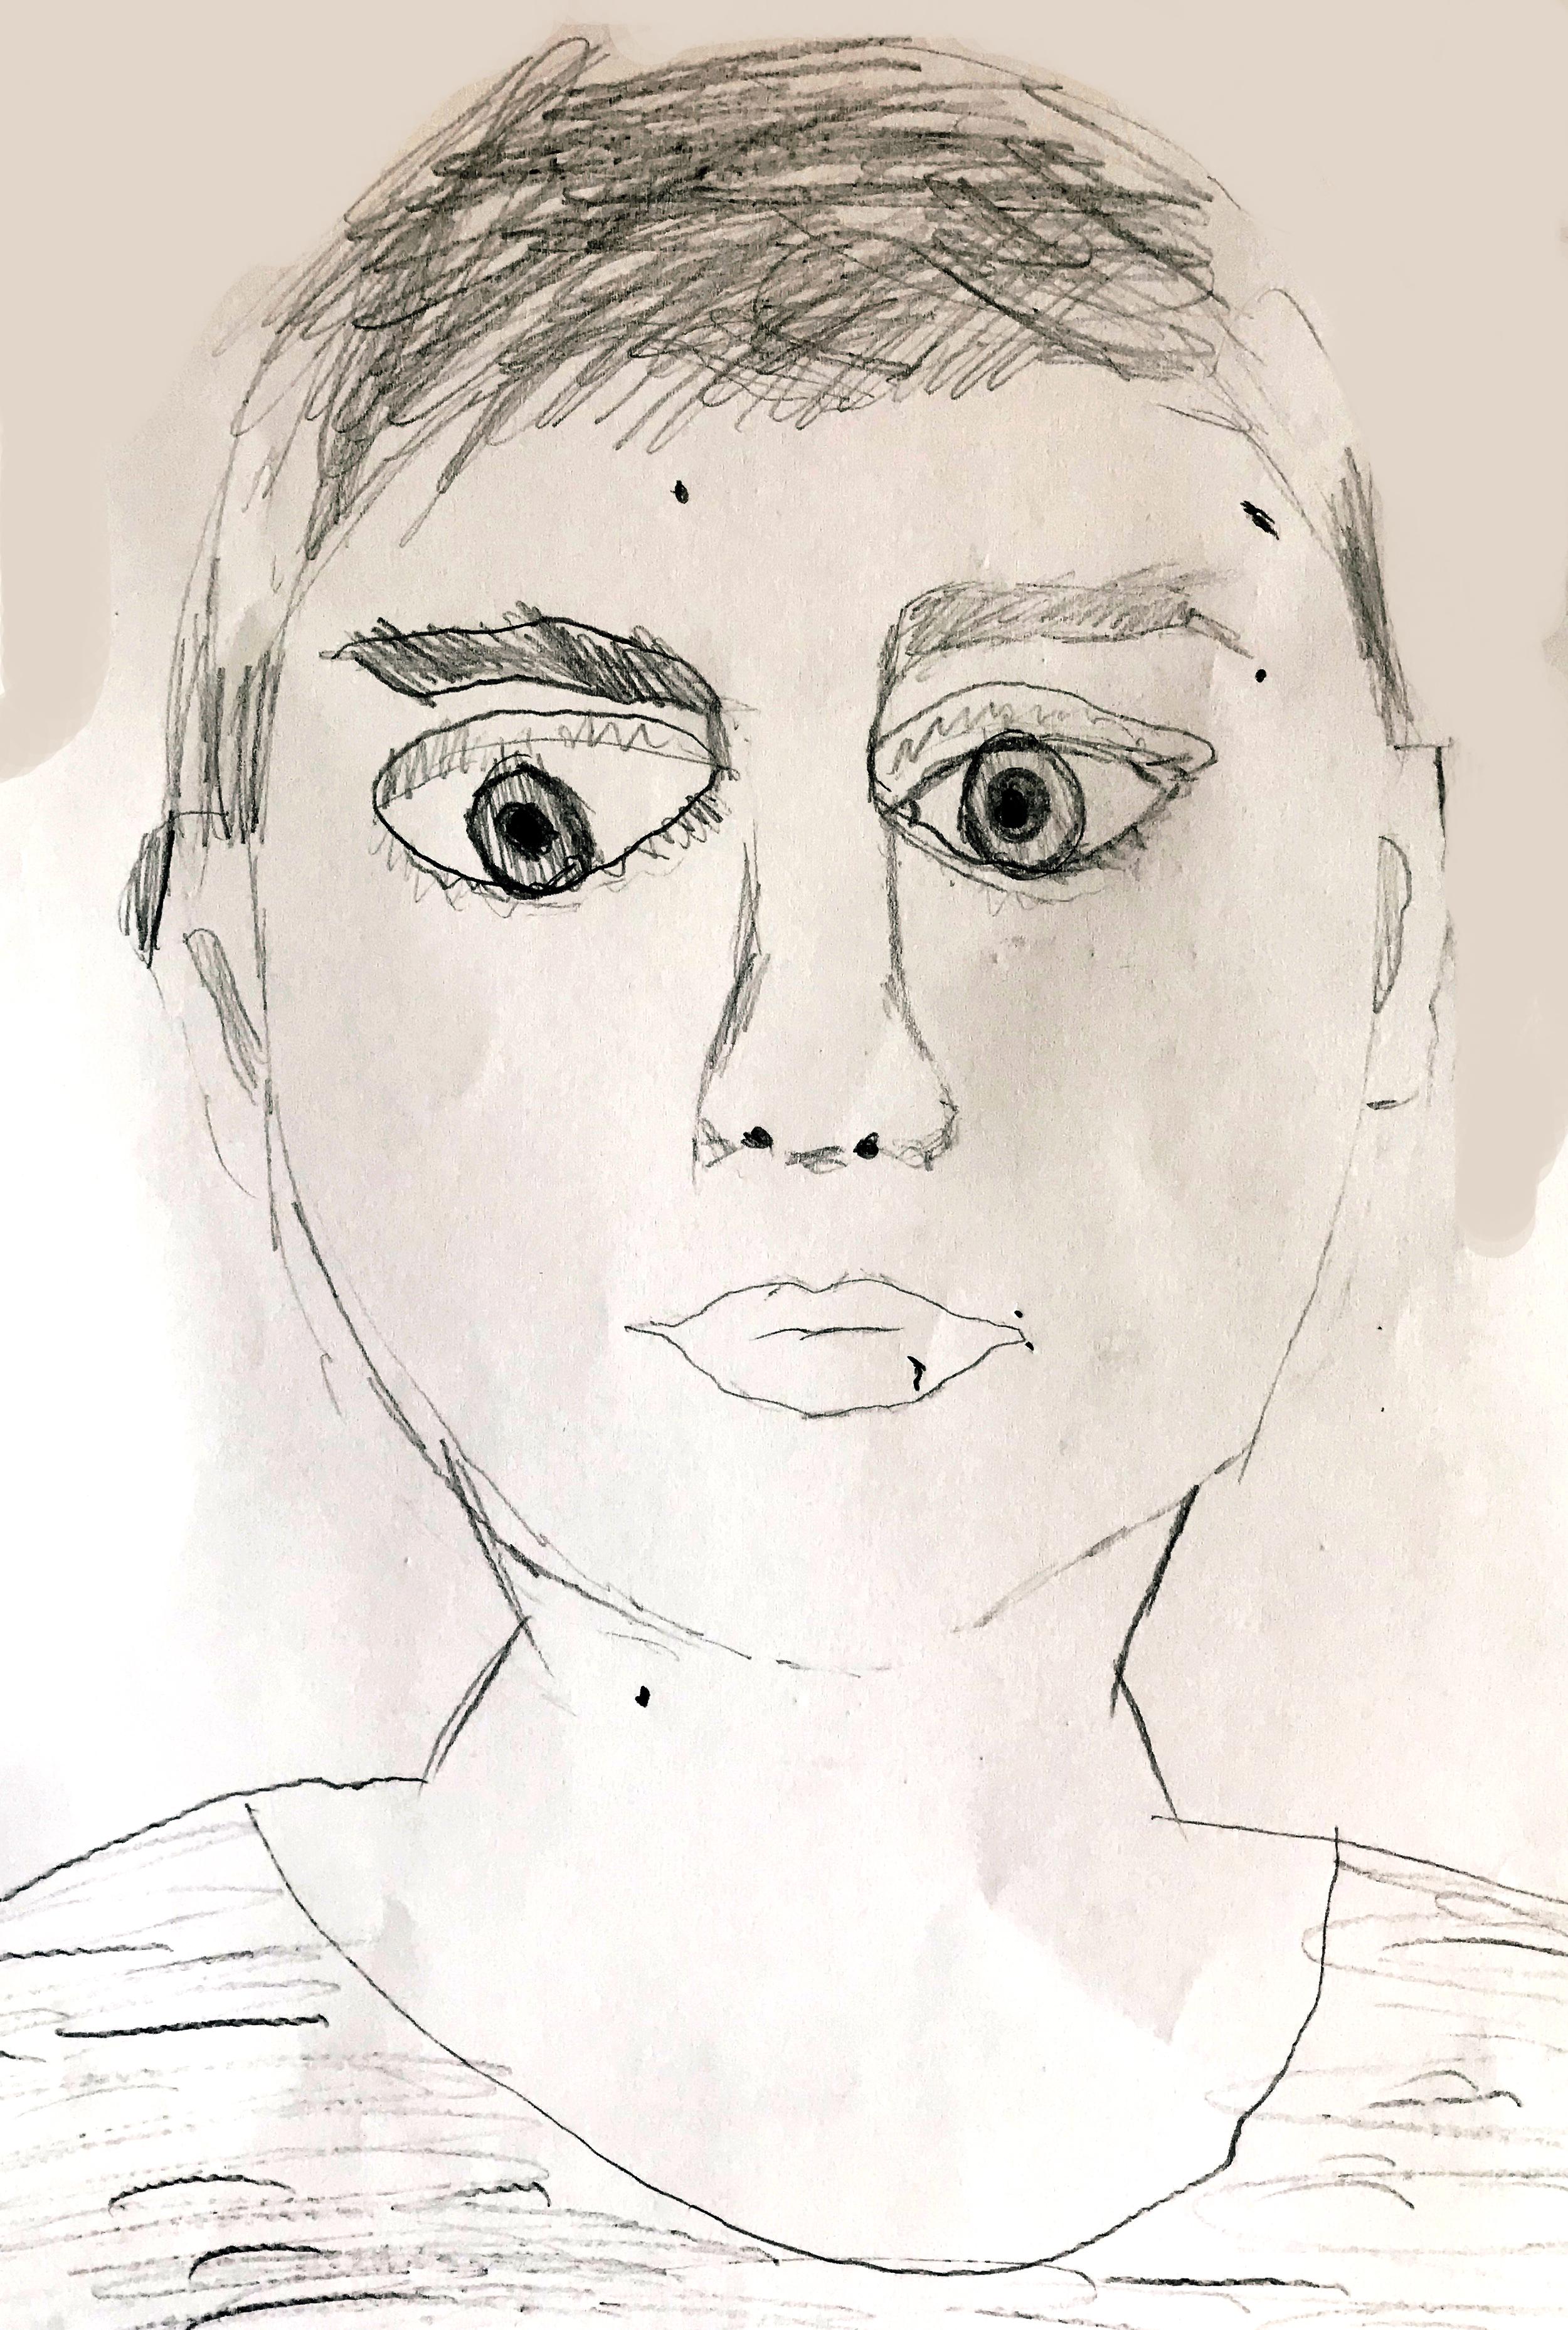 By Freddie, aged 8